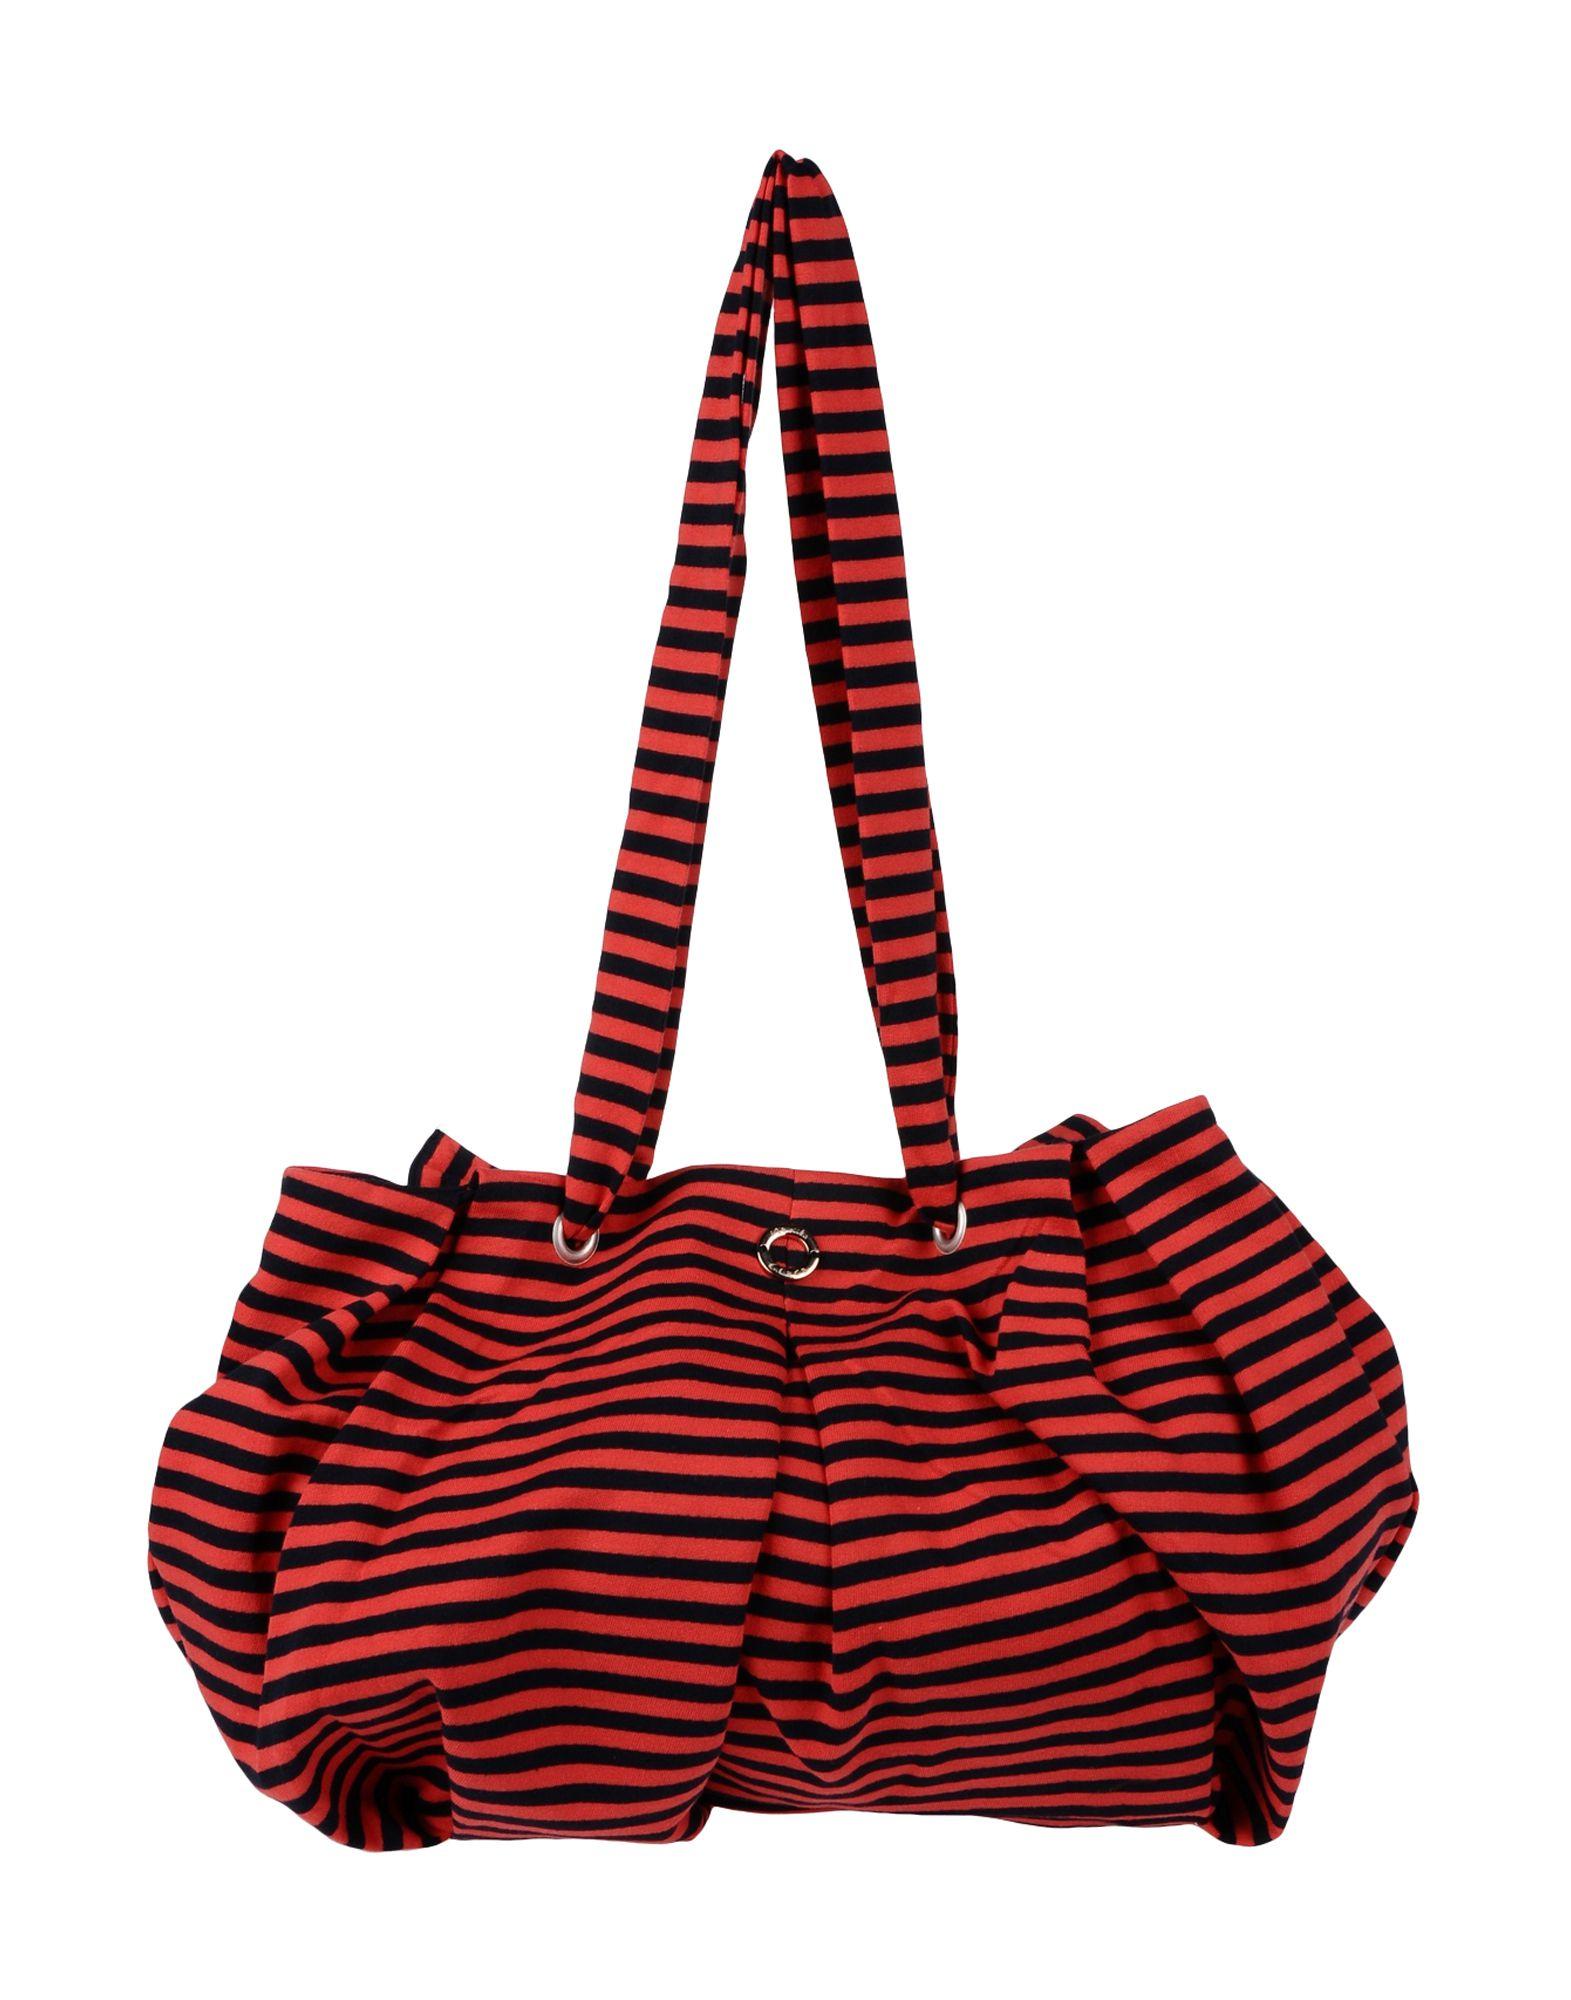 MANILA GRACE DENIM Сумка на плечо tia в европе и одно плечо диагональ малый мешок 2015 новый винтаж летучая мышь сумка сумочка красные крылья волны